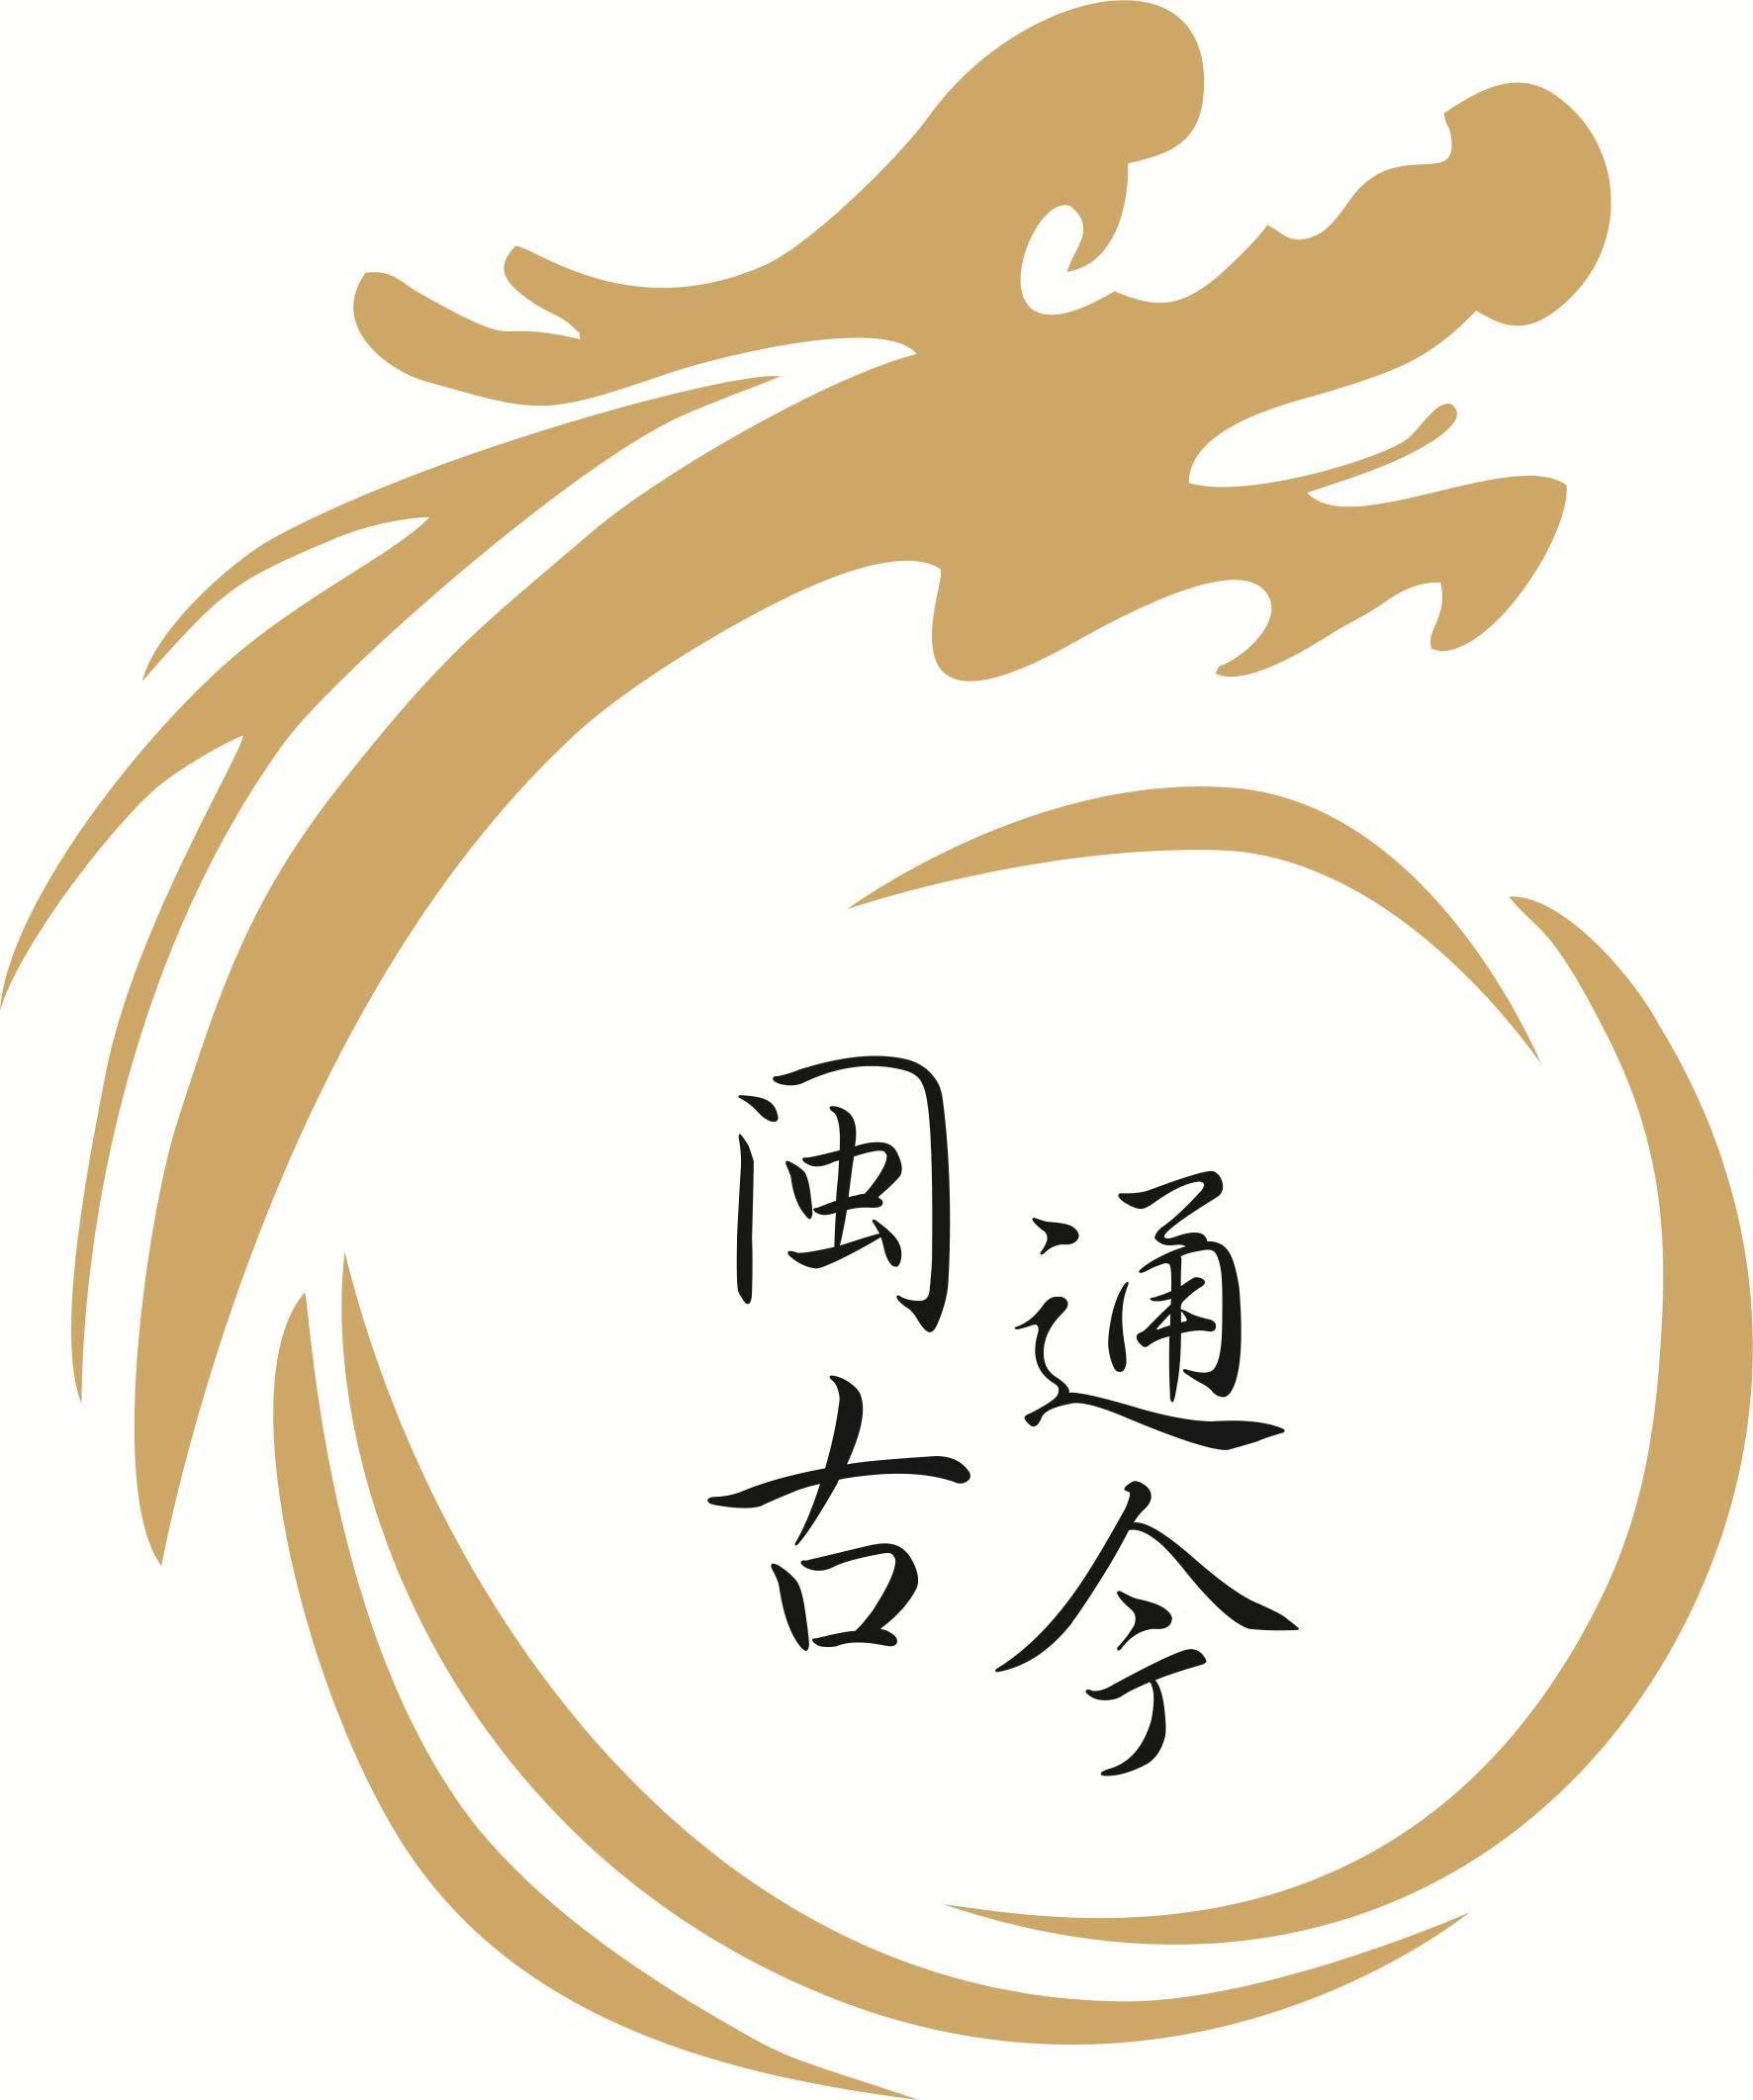 泉州閩古通今文化藝術有限公司